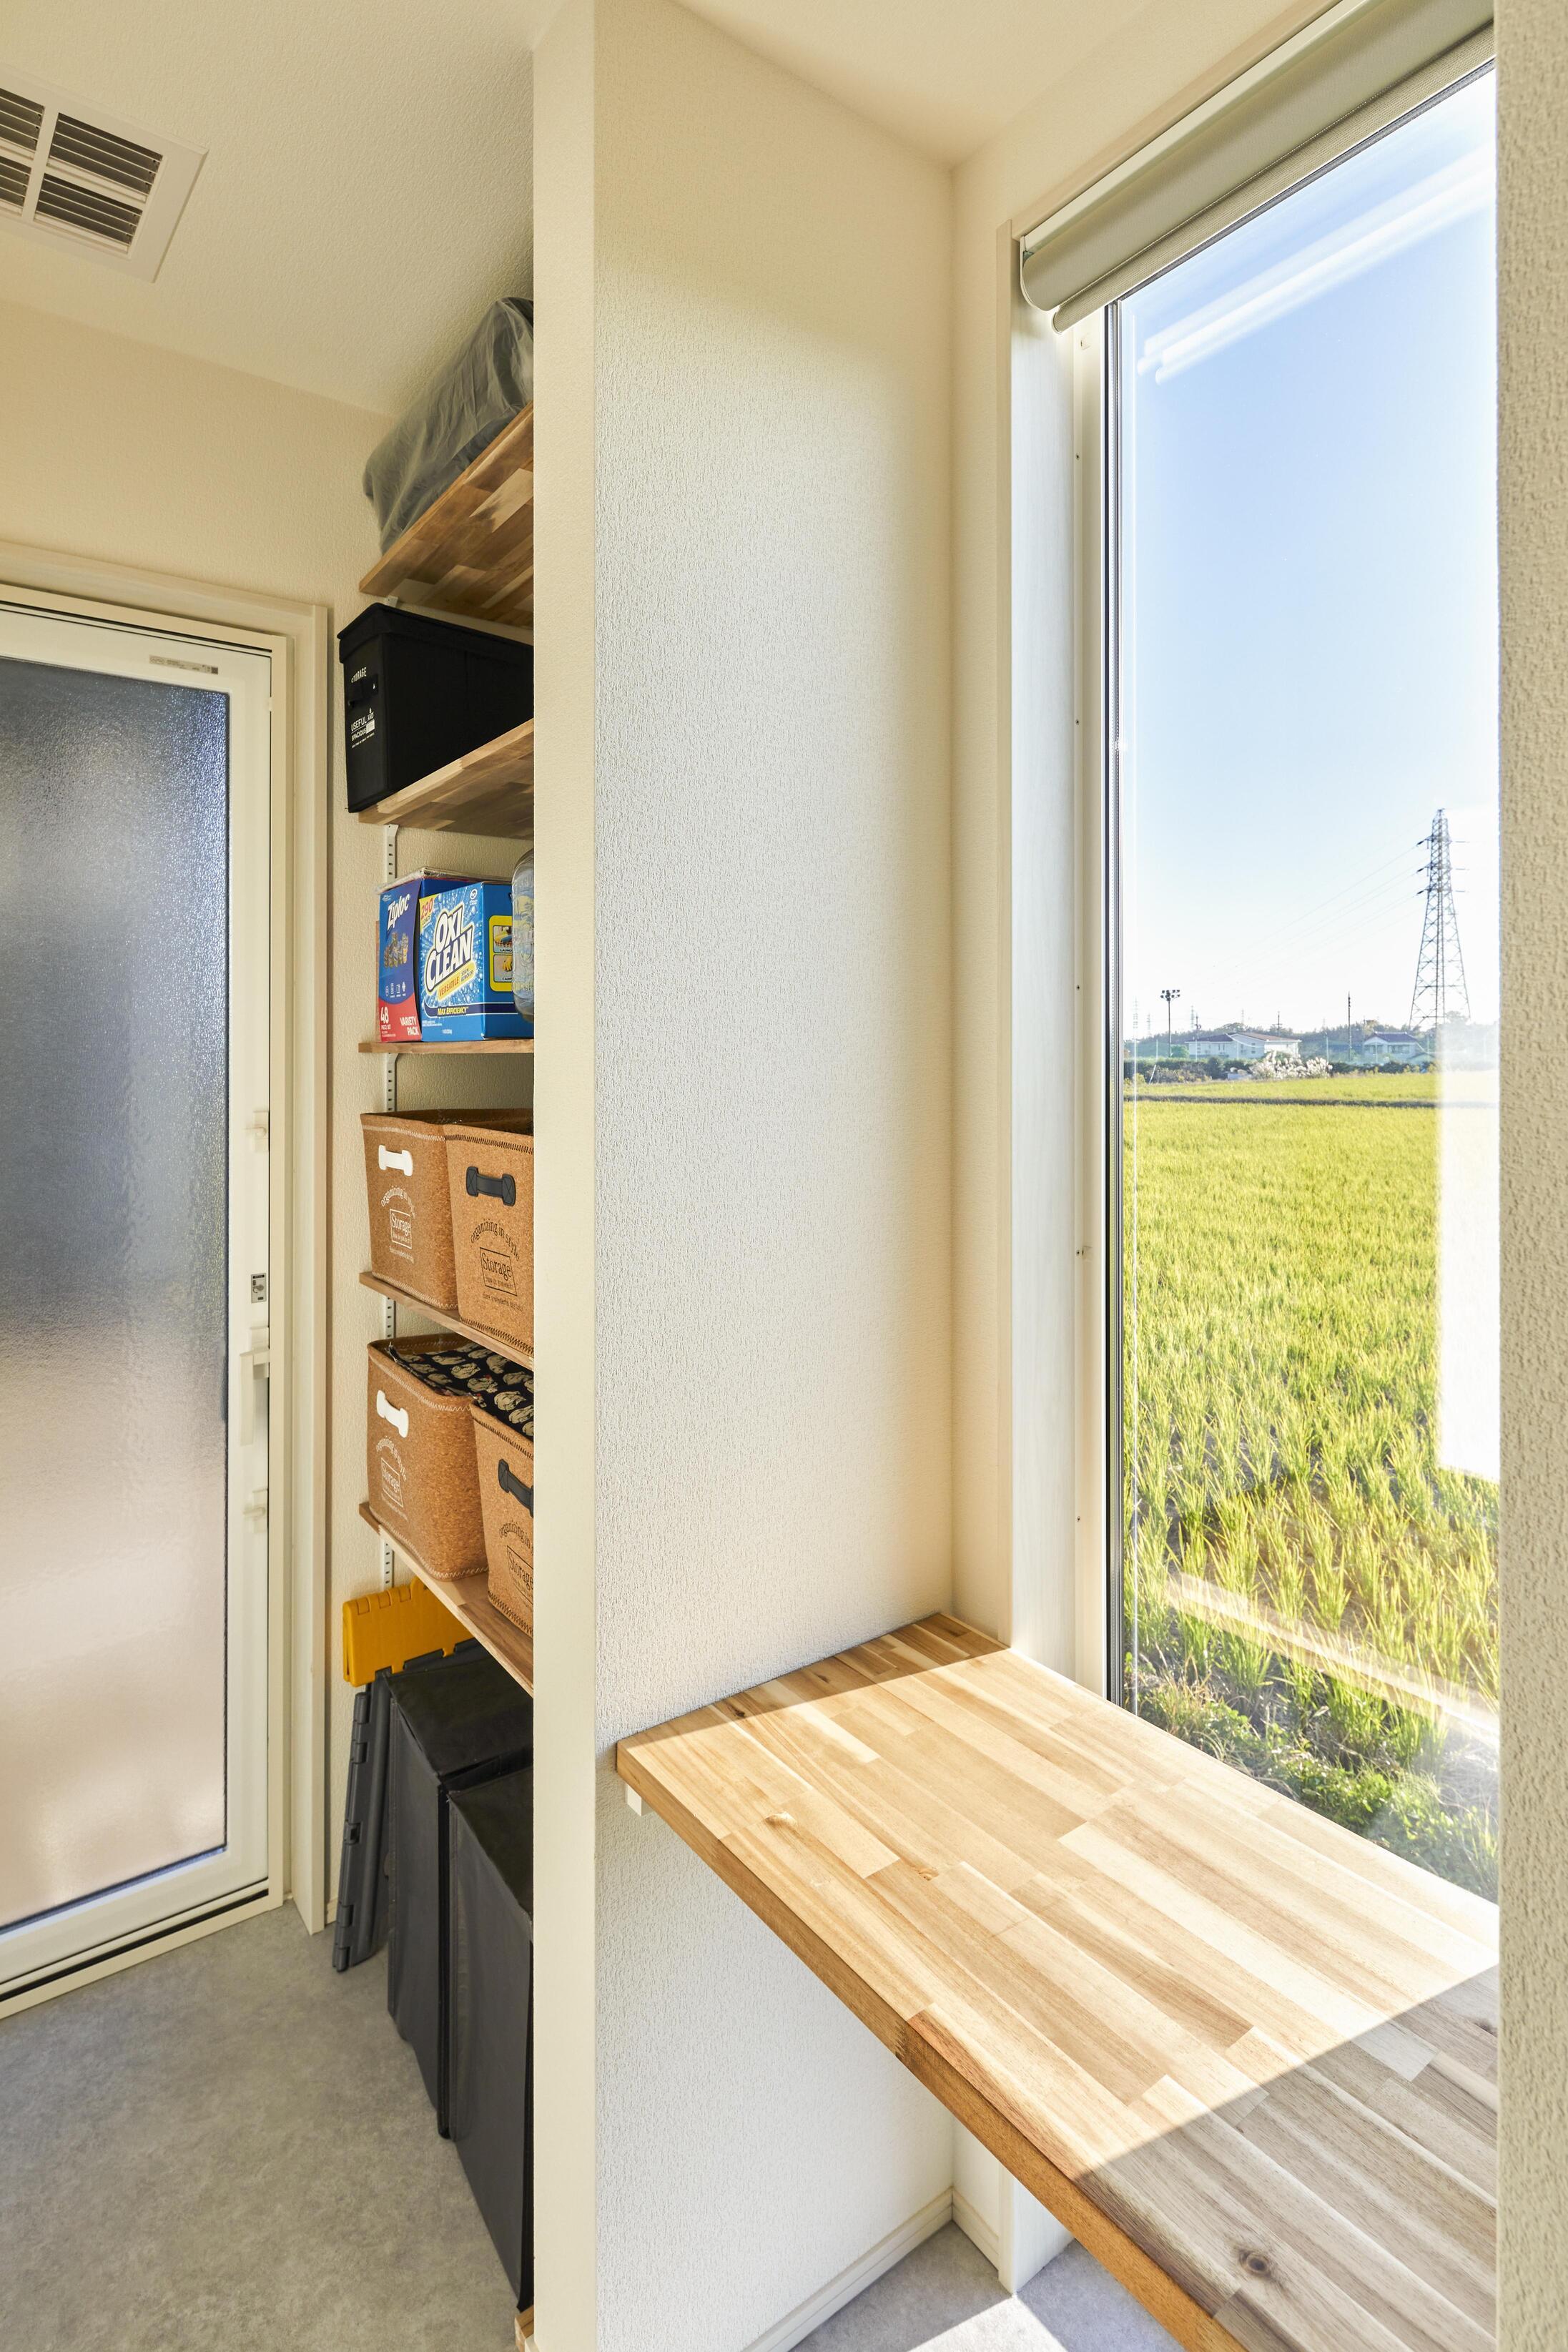 キッチン横のミセスコーナー。収納に困らないだけでなく、窓からの眺めも素敵な家事スペースに